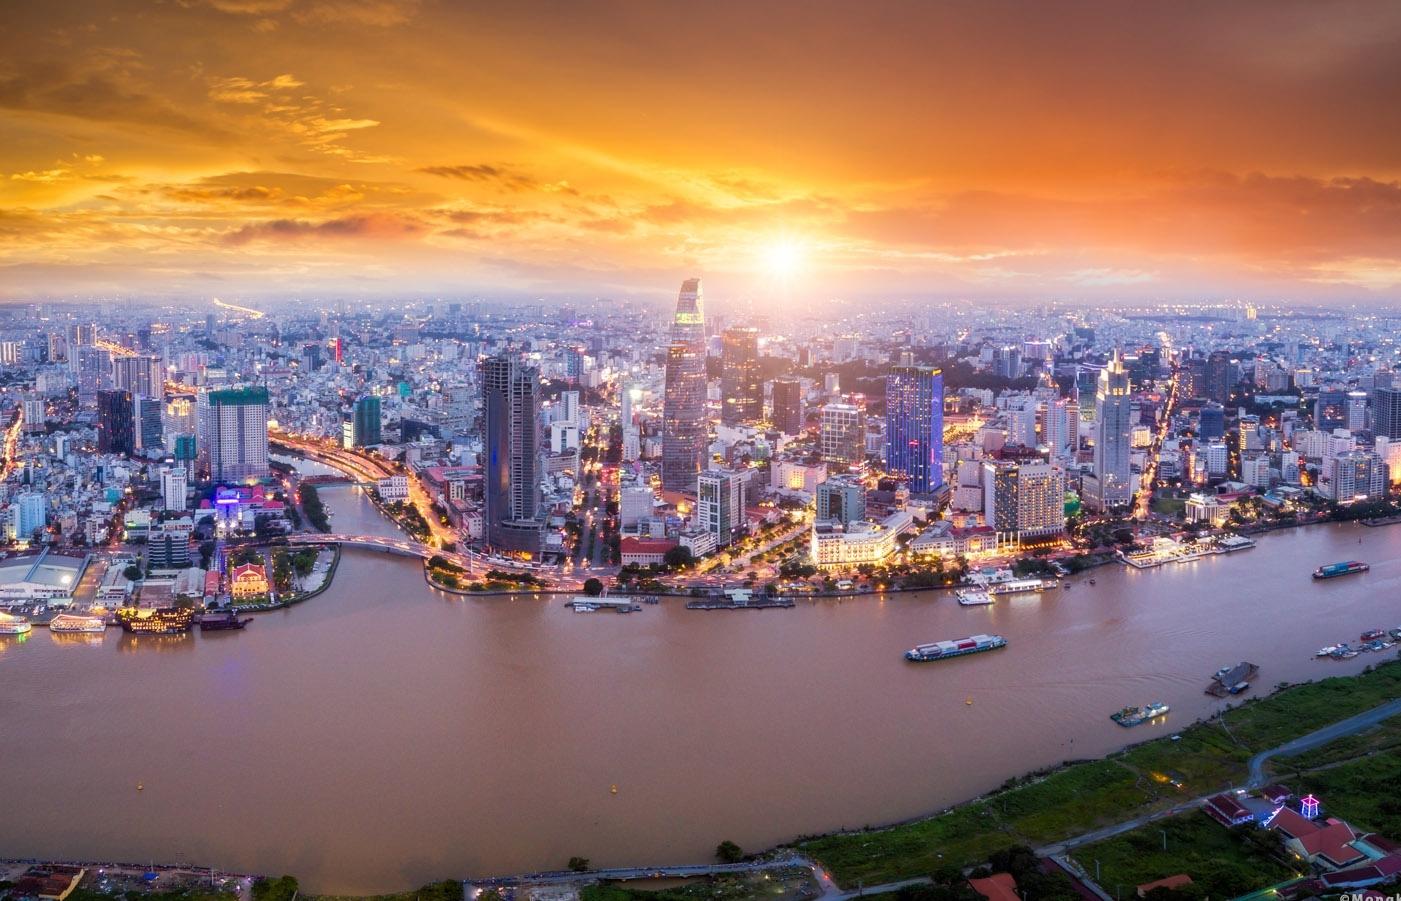 Kinh tế Việt Nam tăng trưởng vững vàng bất chấp thách thức từ Covid-19